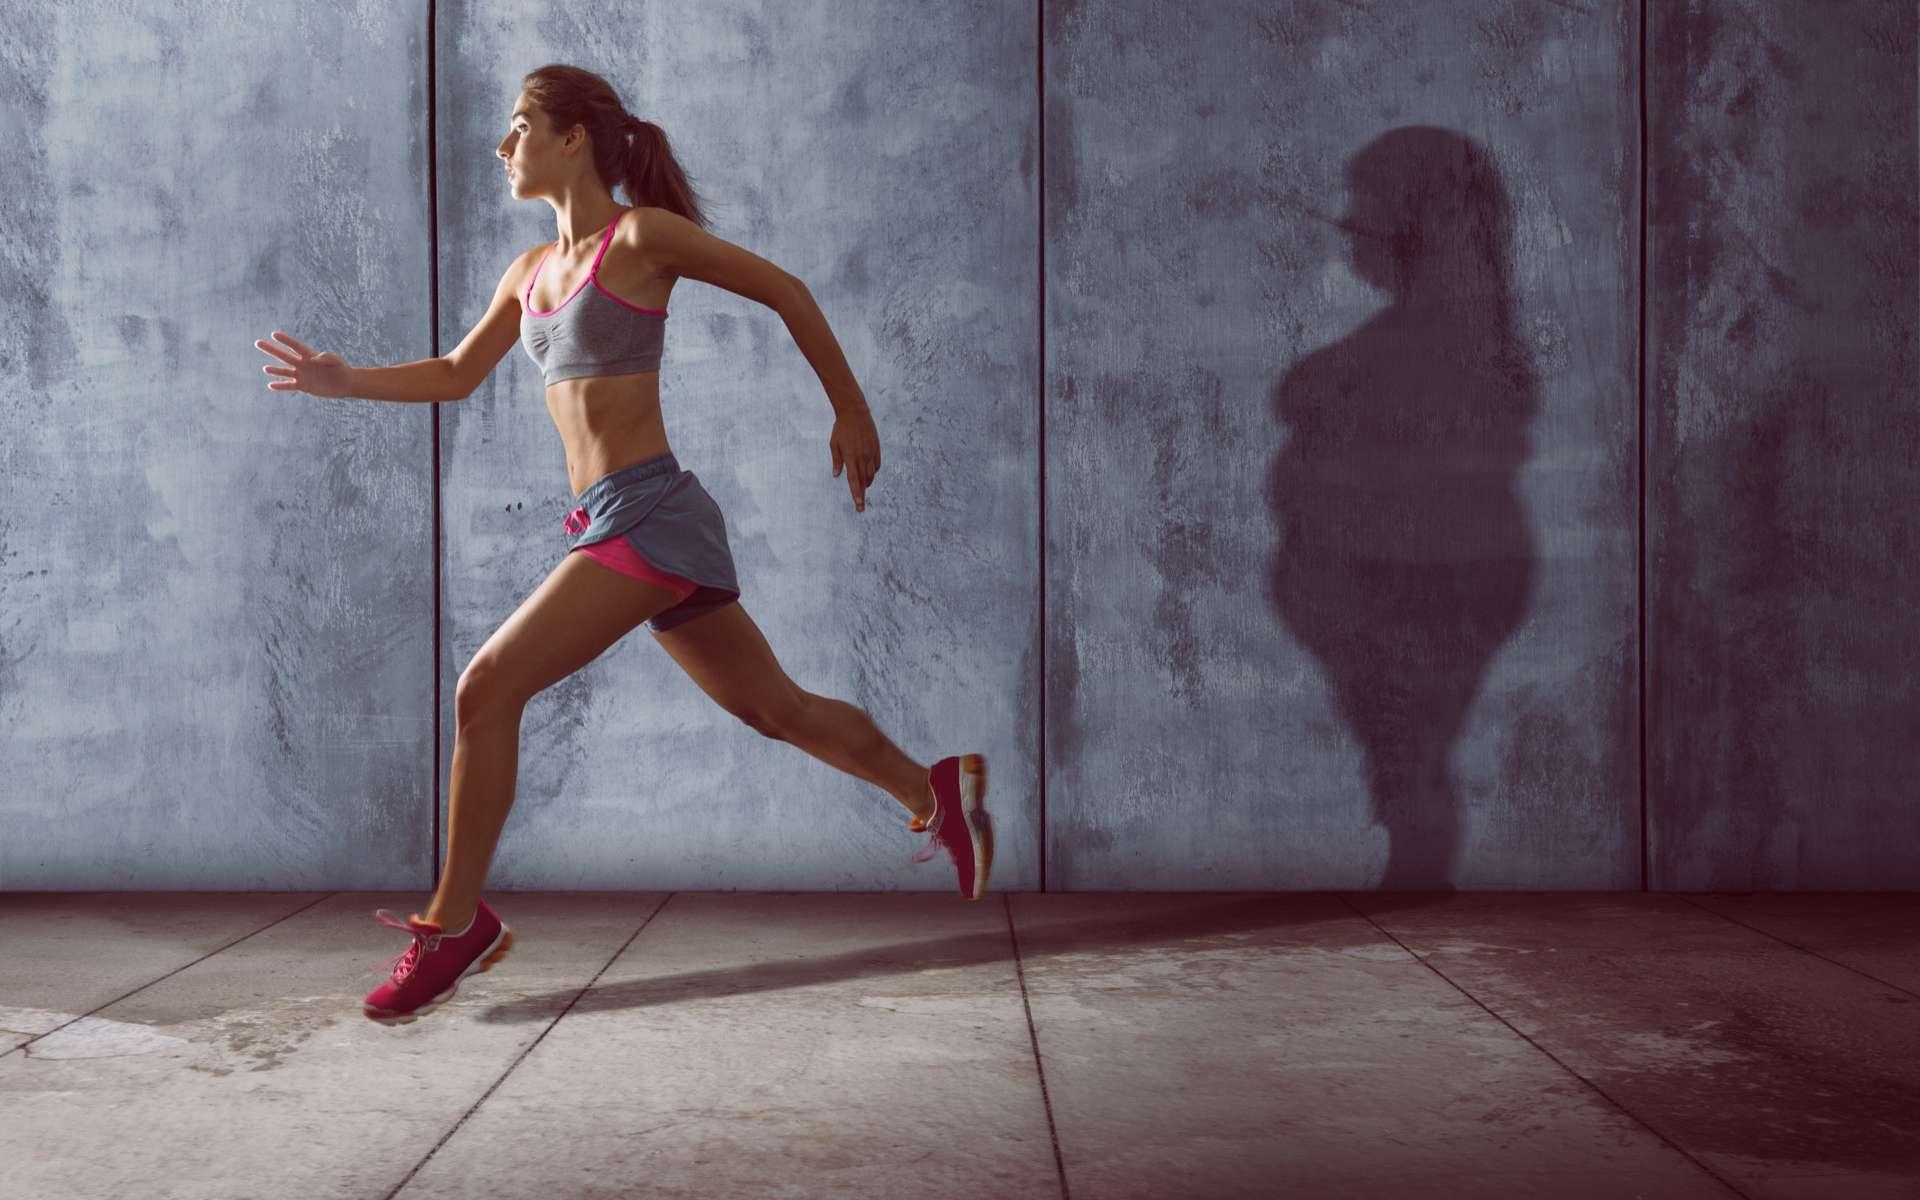 L'activité physique limite la prise de poids. © lassedesignen, Adobe Stock